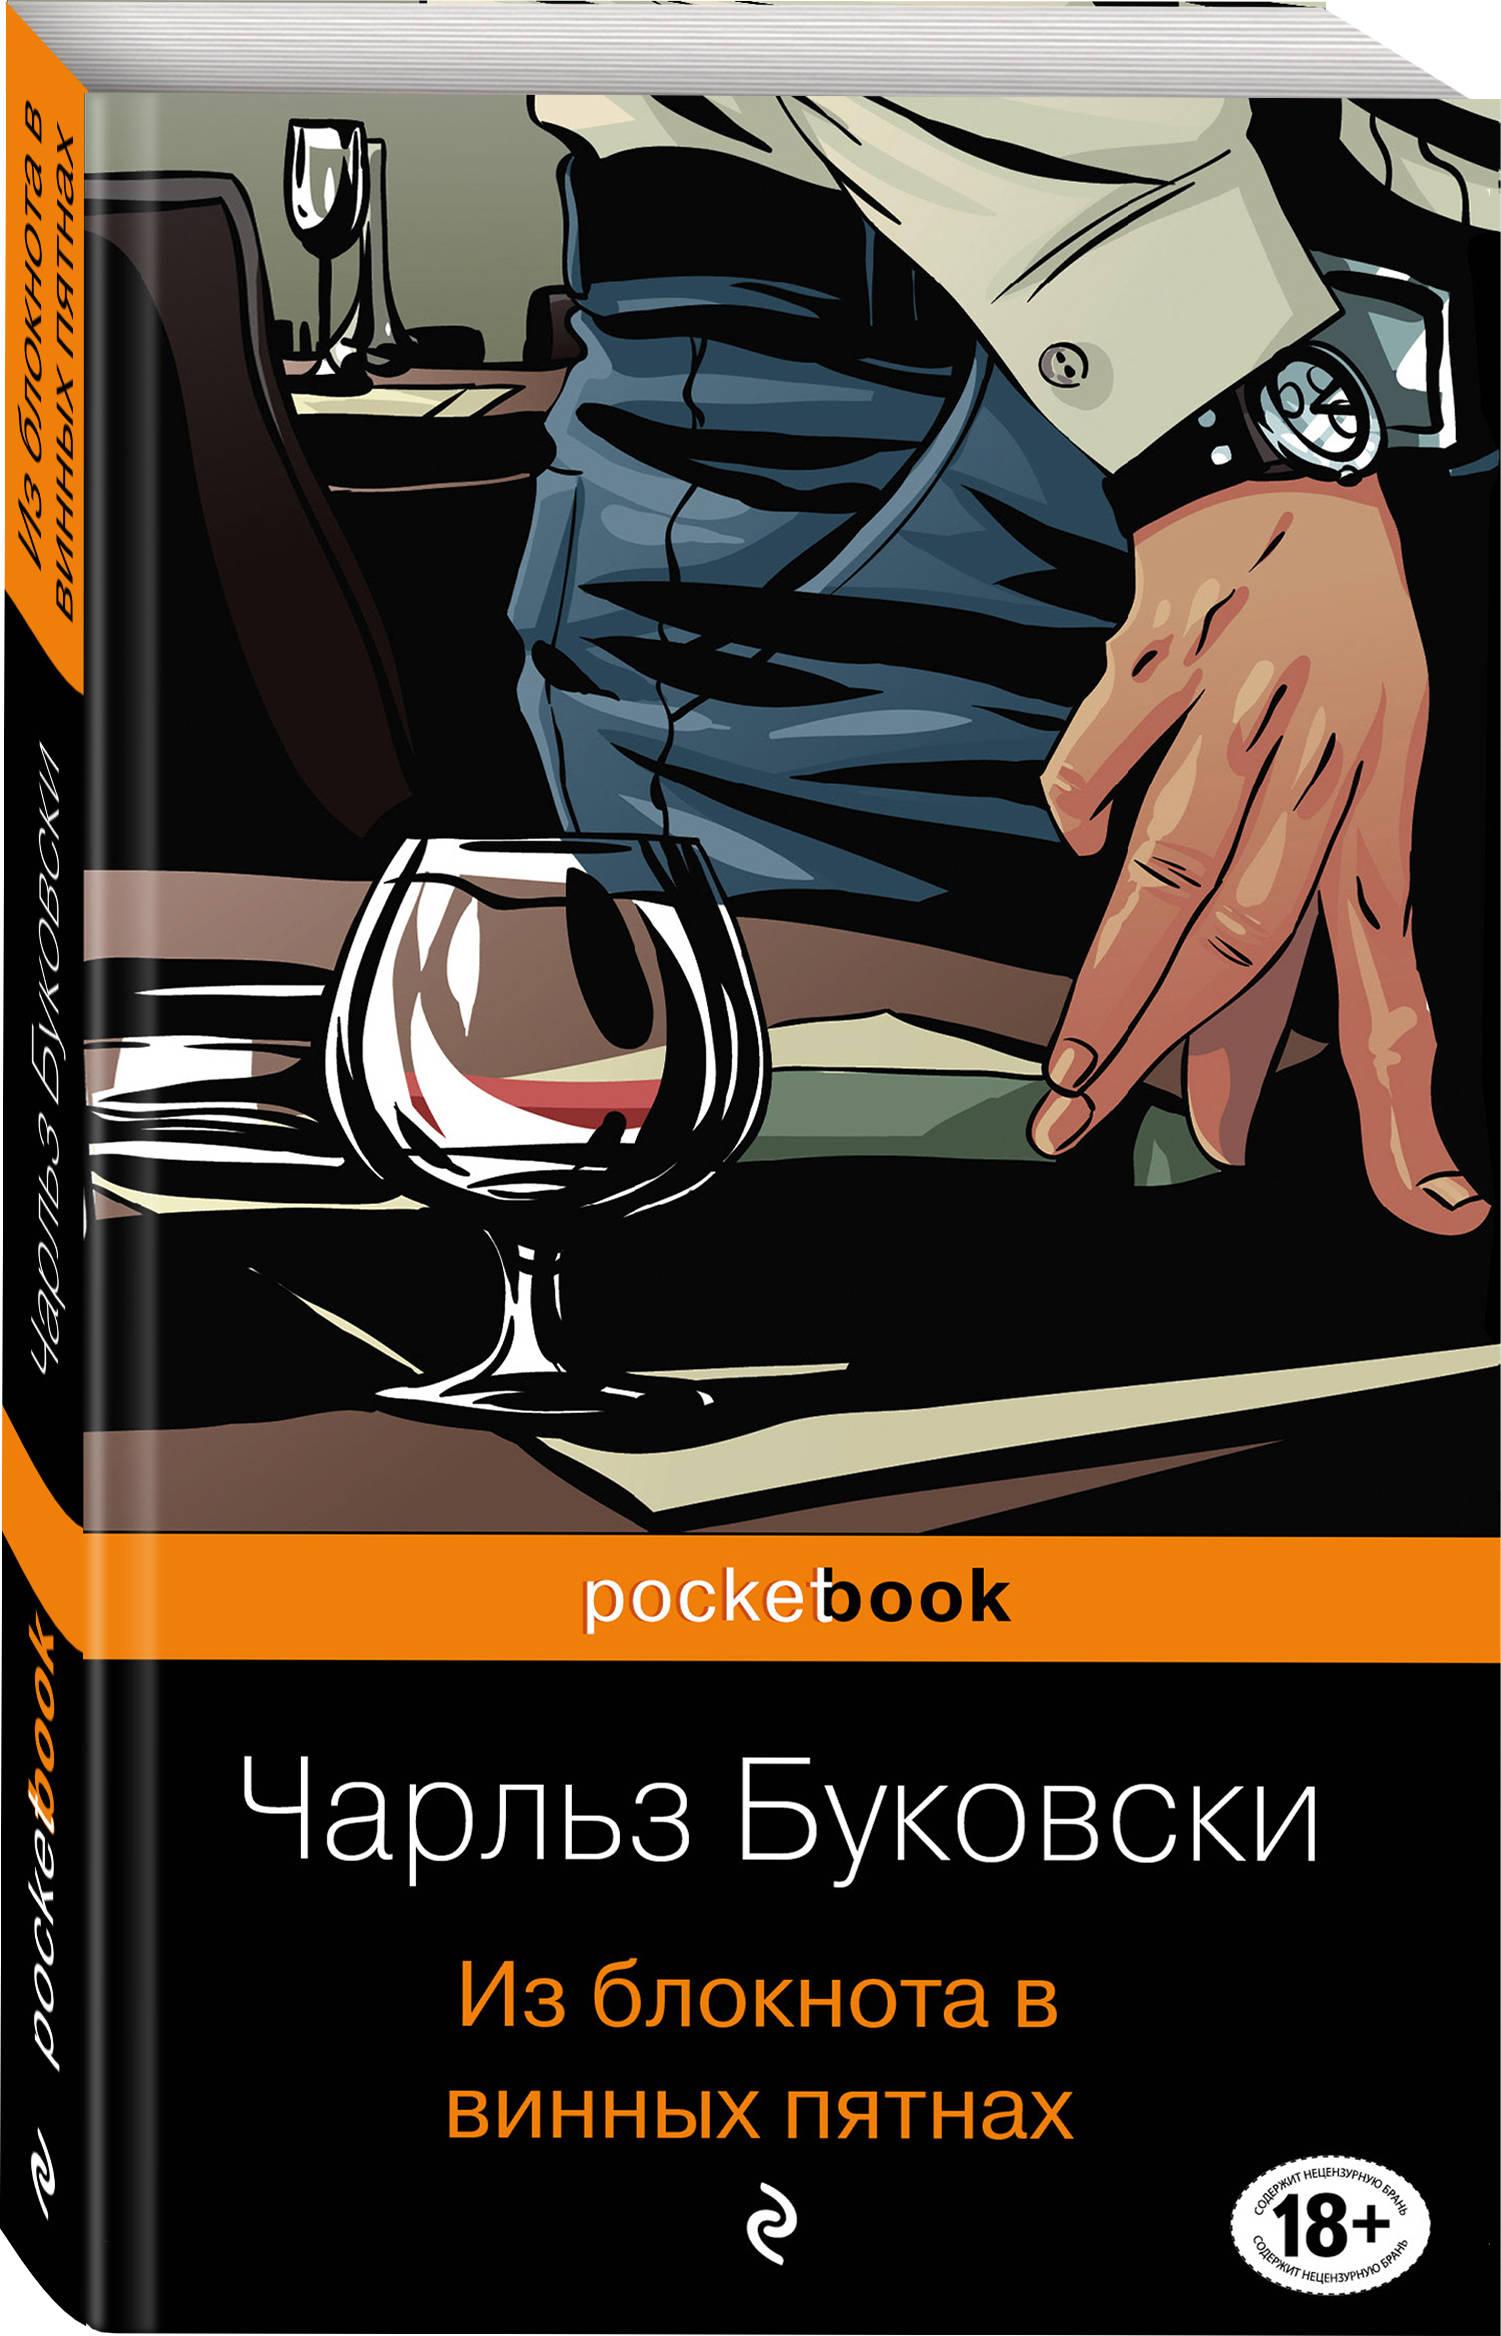 Буковски Ч. Из блокнота в винных пятнах пошел козел на базар